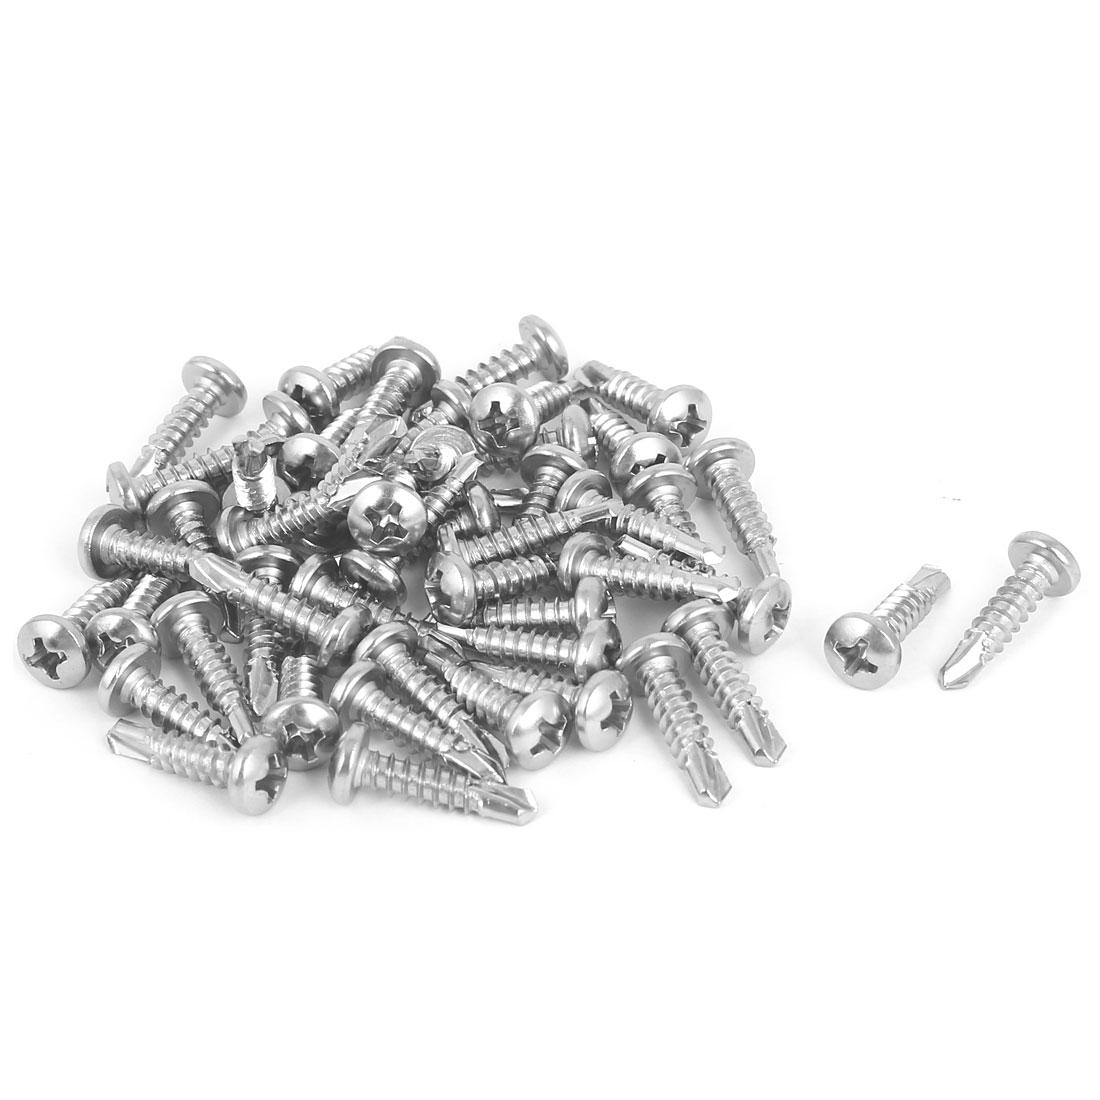 M3.9 x 16mm Thread Phillips Pan Head Self Drilling Tek Screws 50 Pcs